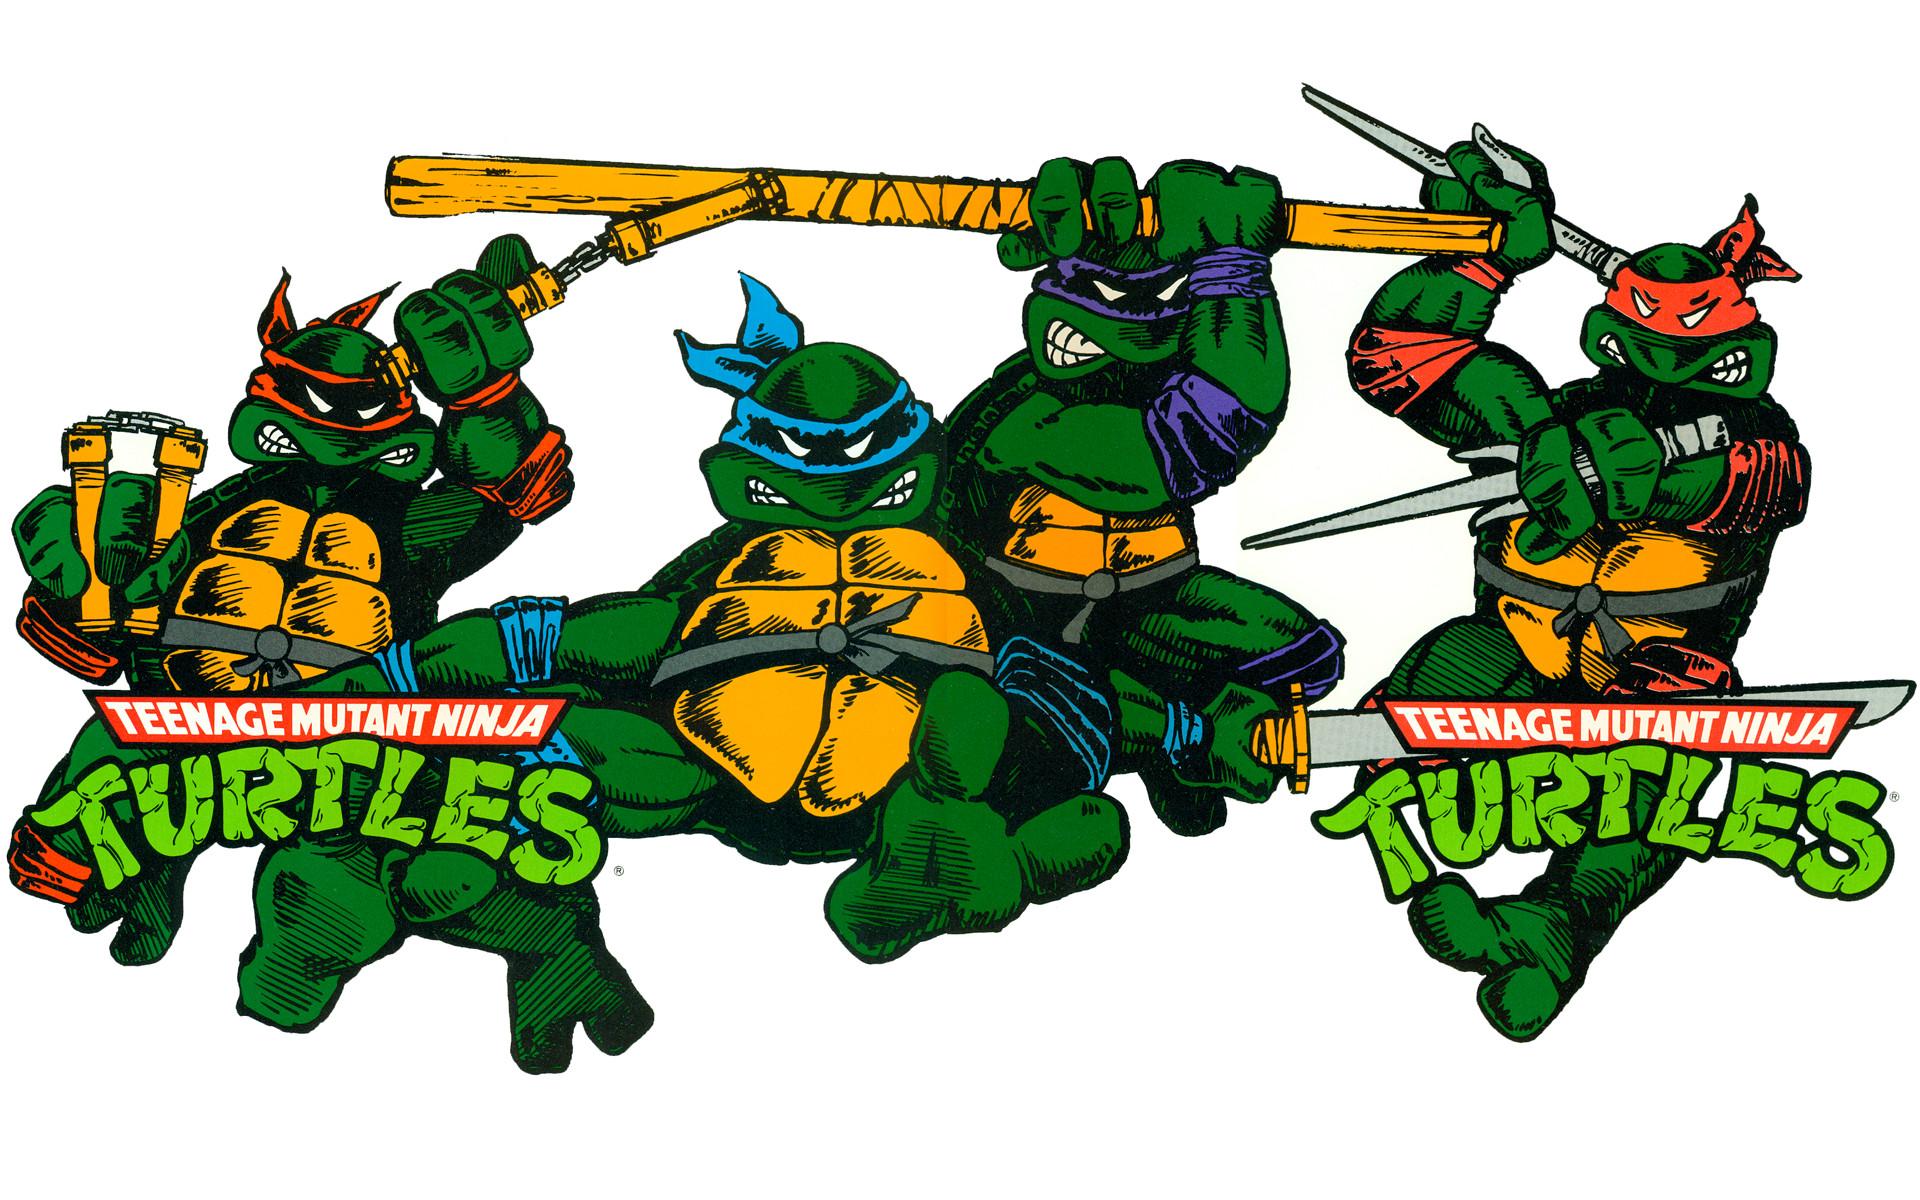 1920x1200,   Data Id 282422   Data Src /walls/full/a/4/5/282422 - Teenage Mutant Ninja Turtles - HD Wallpaper